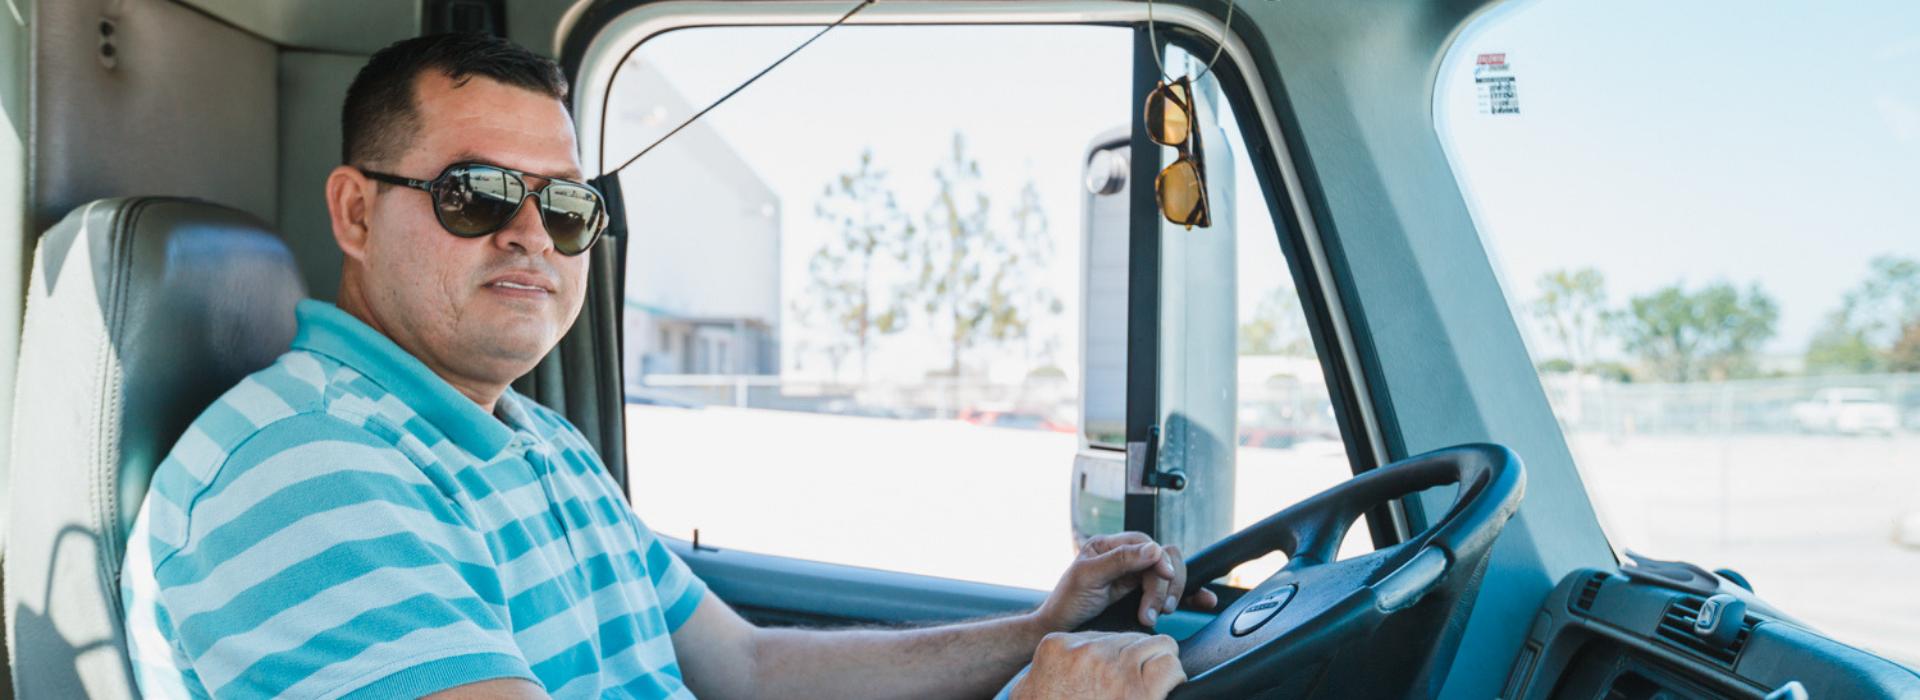 nfi-drivers-career-owner-operators-home-banner